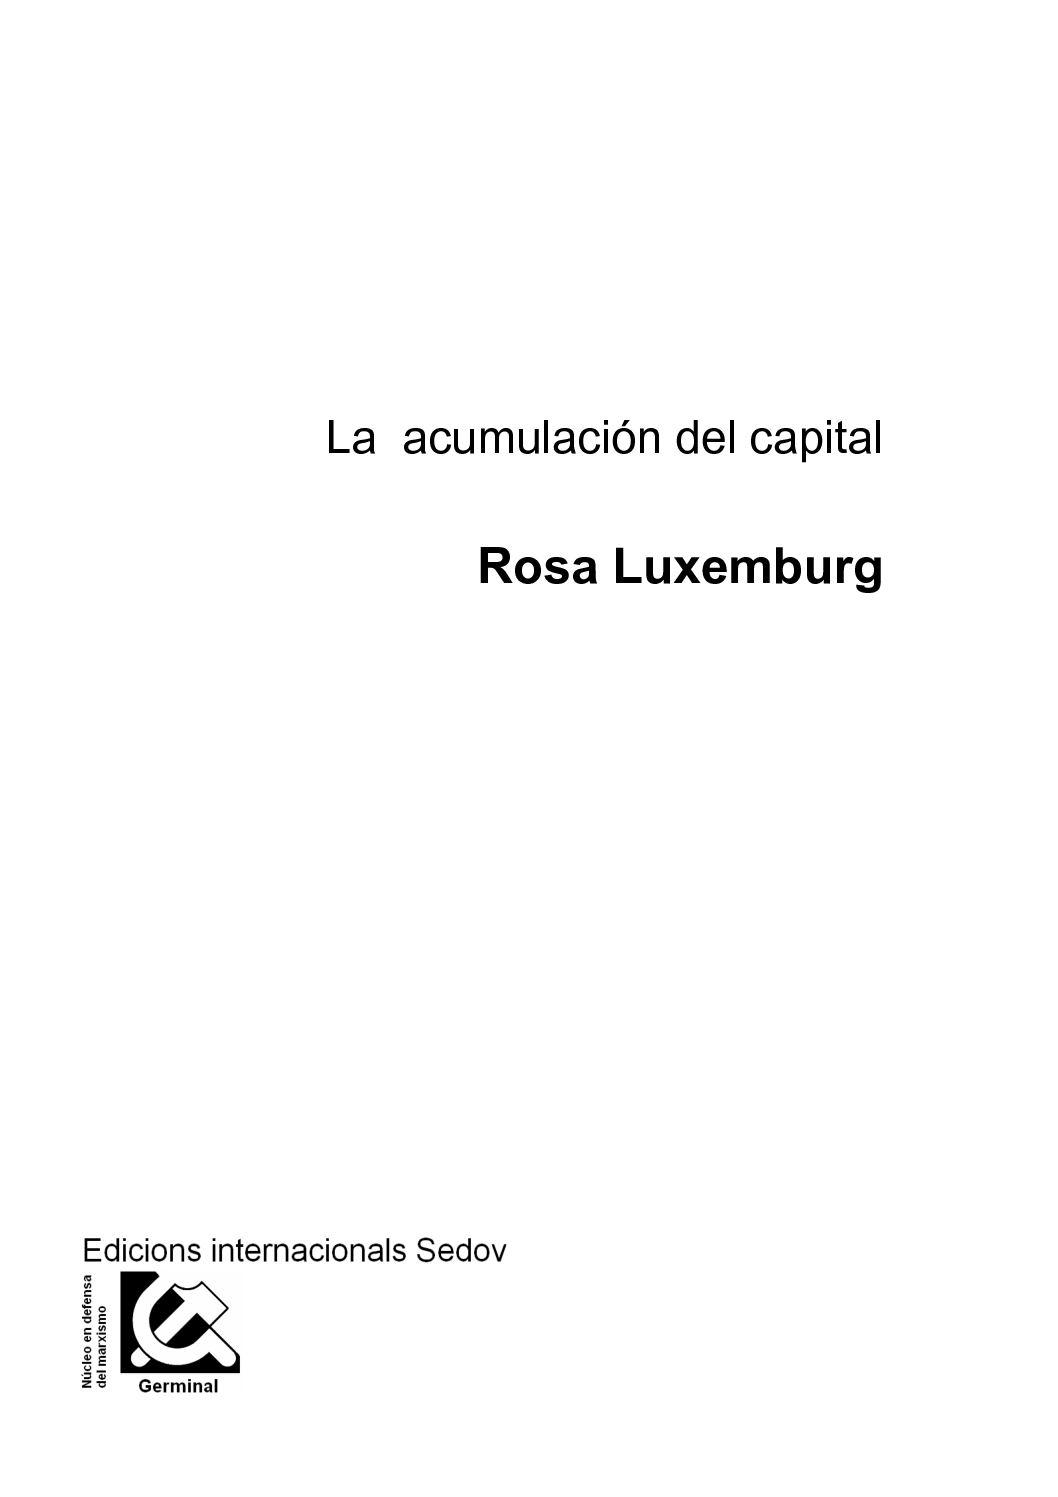 Calaméo - La acumulación del capital